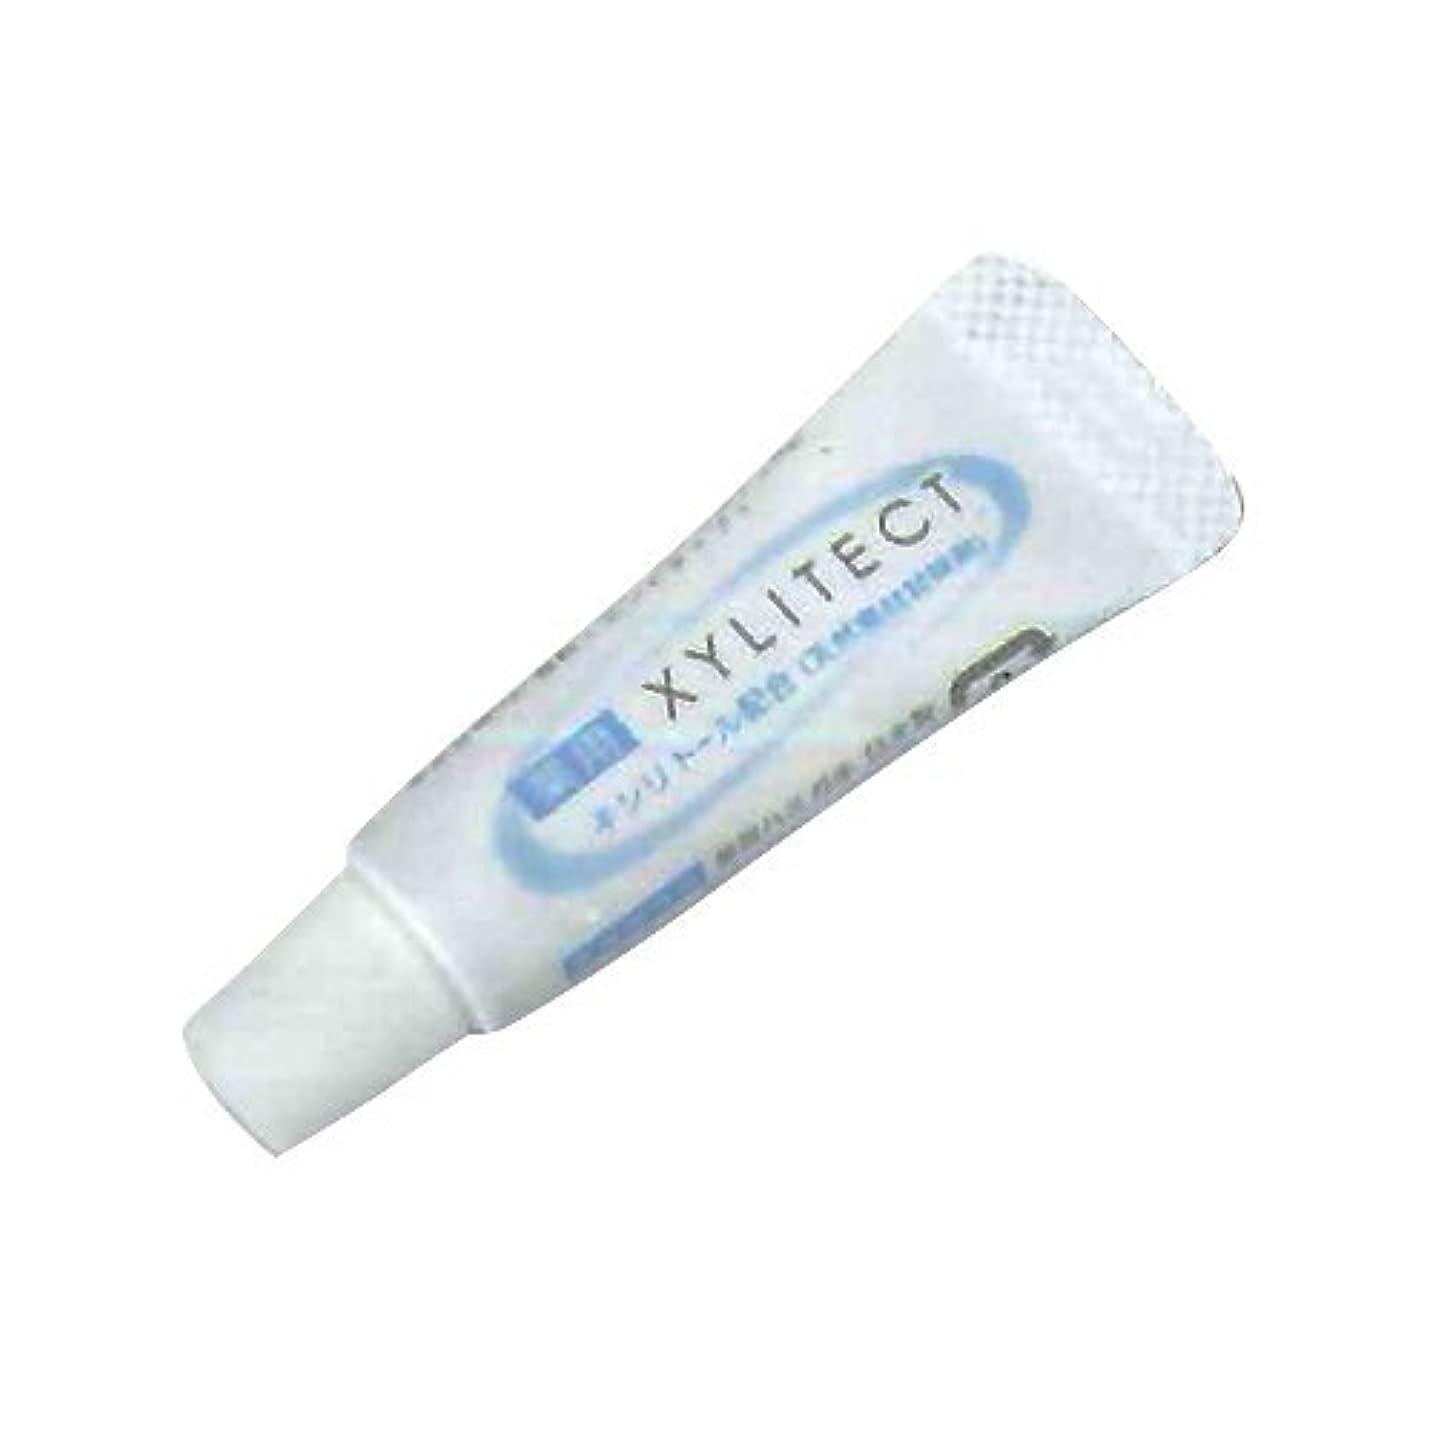 保全維持する記憶に残る業務用歯磨き粉 薬用キシリテクト (XYLITECT) 4.5g ×50個セット (個包装タイプ)   ホテルアメニティ ハミガキ toothpaste